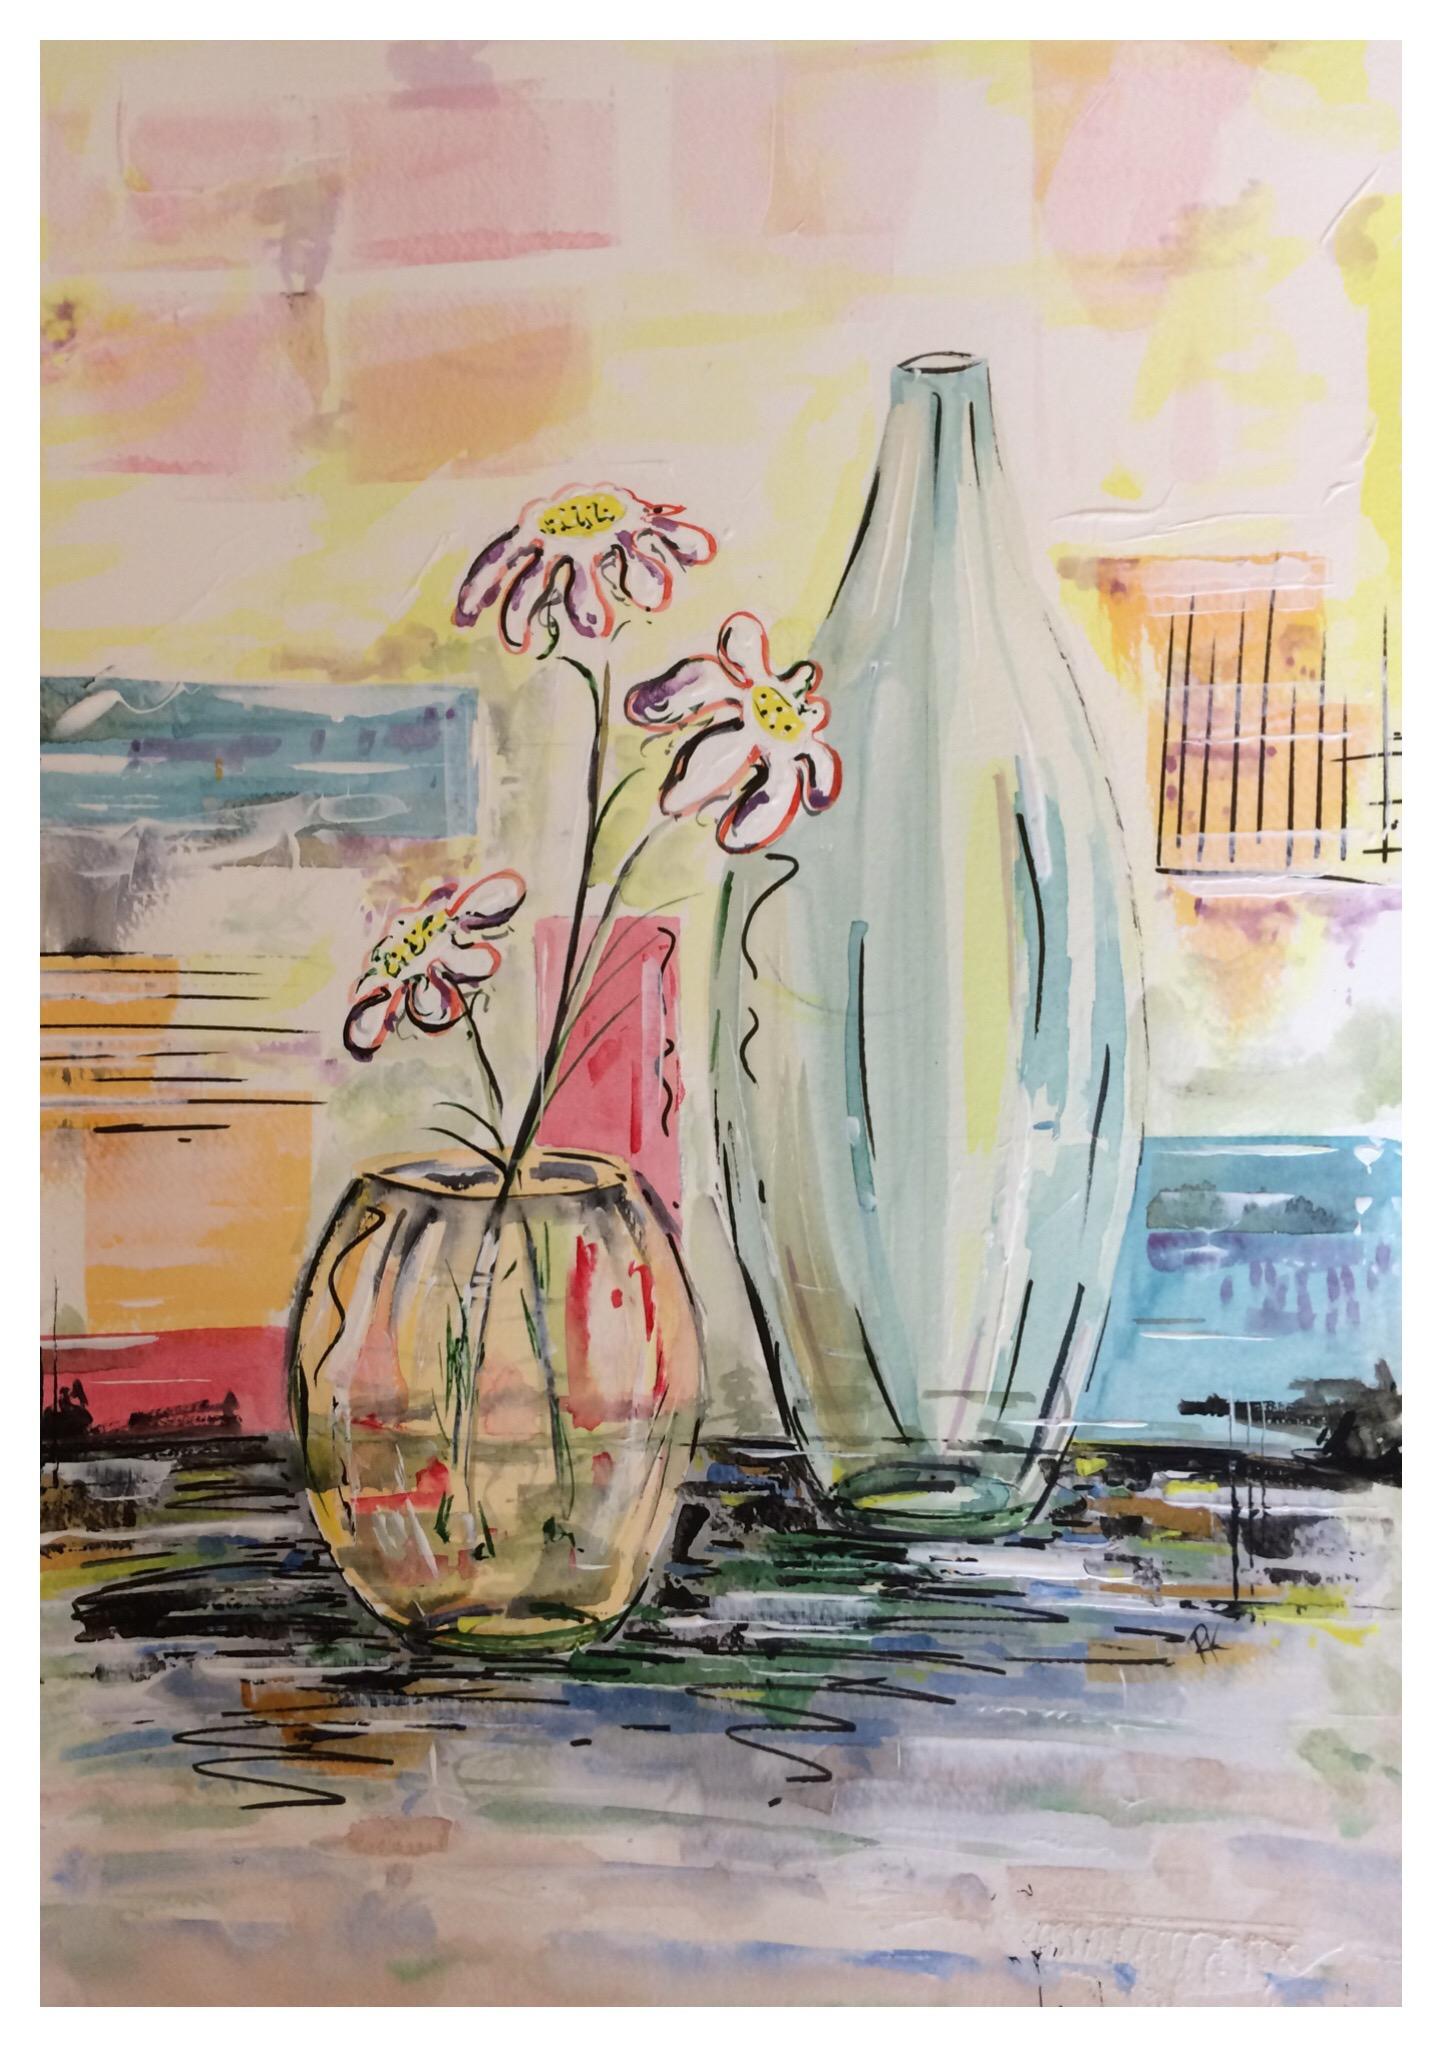 Vase and Flower Bowl